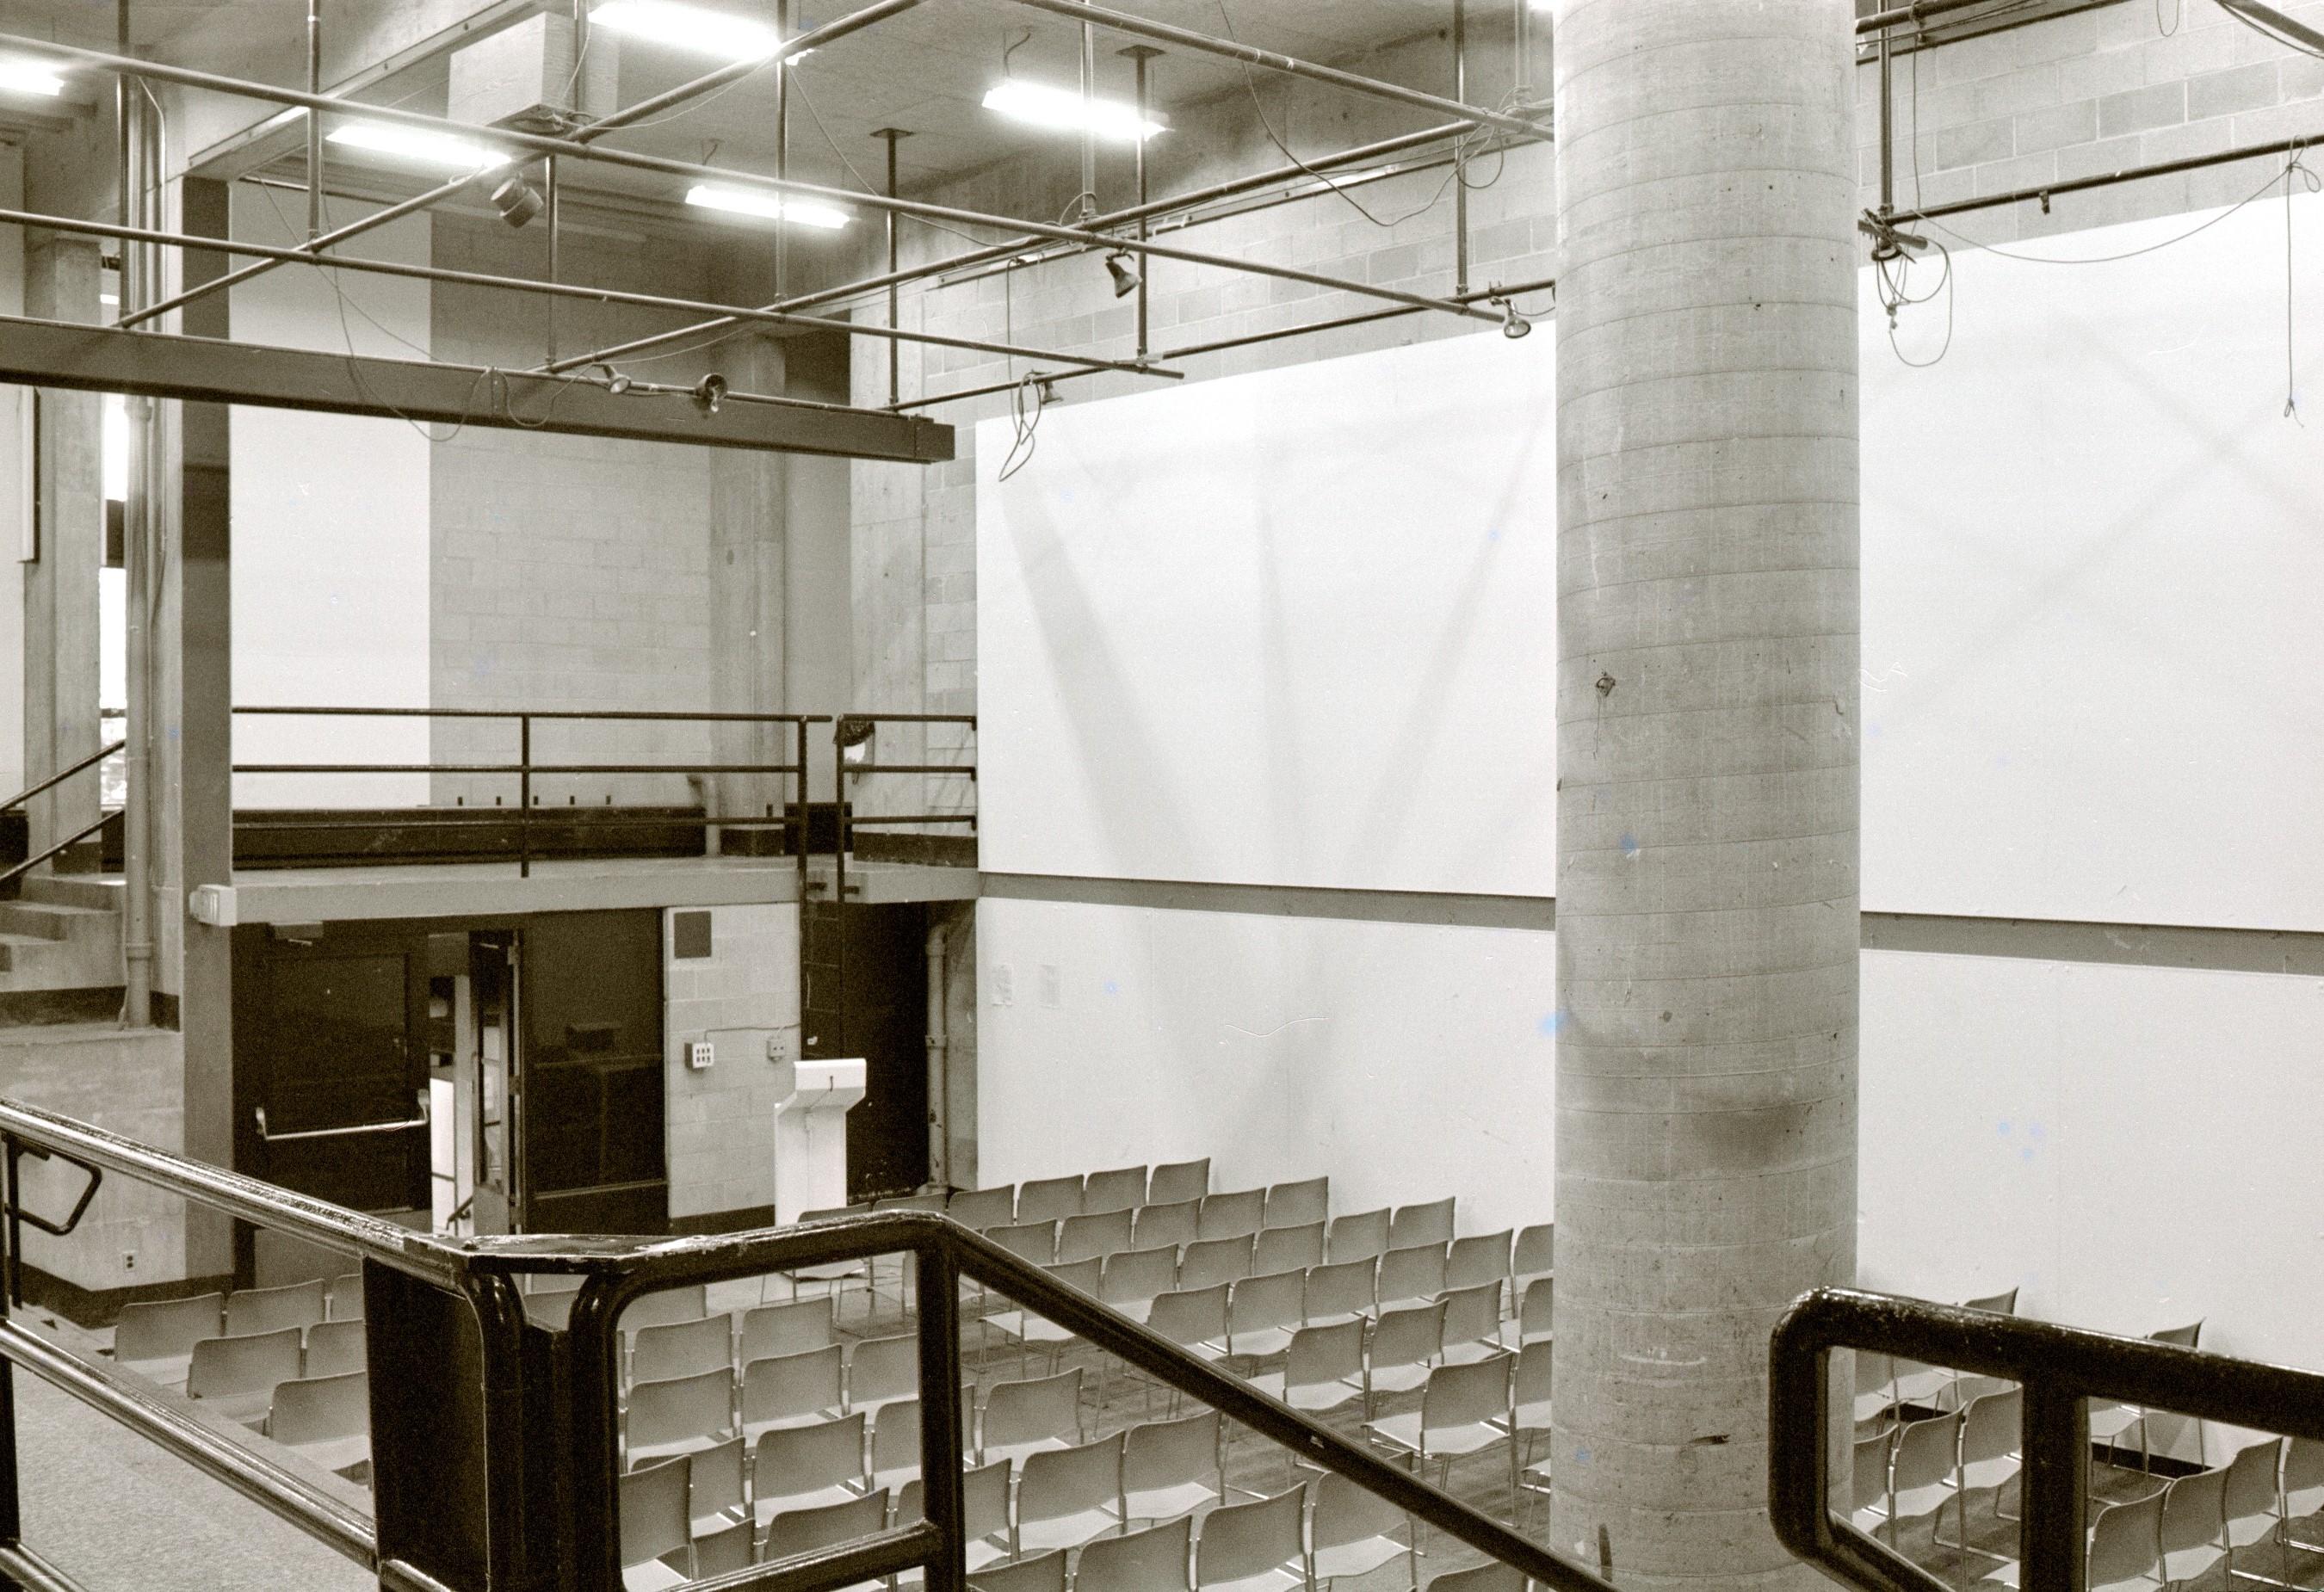 School interiors mid-90s-0023